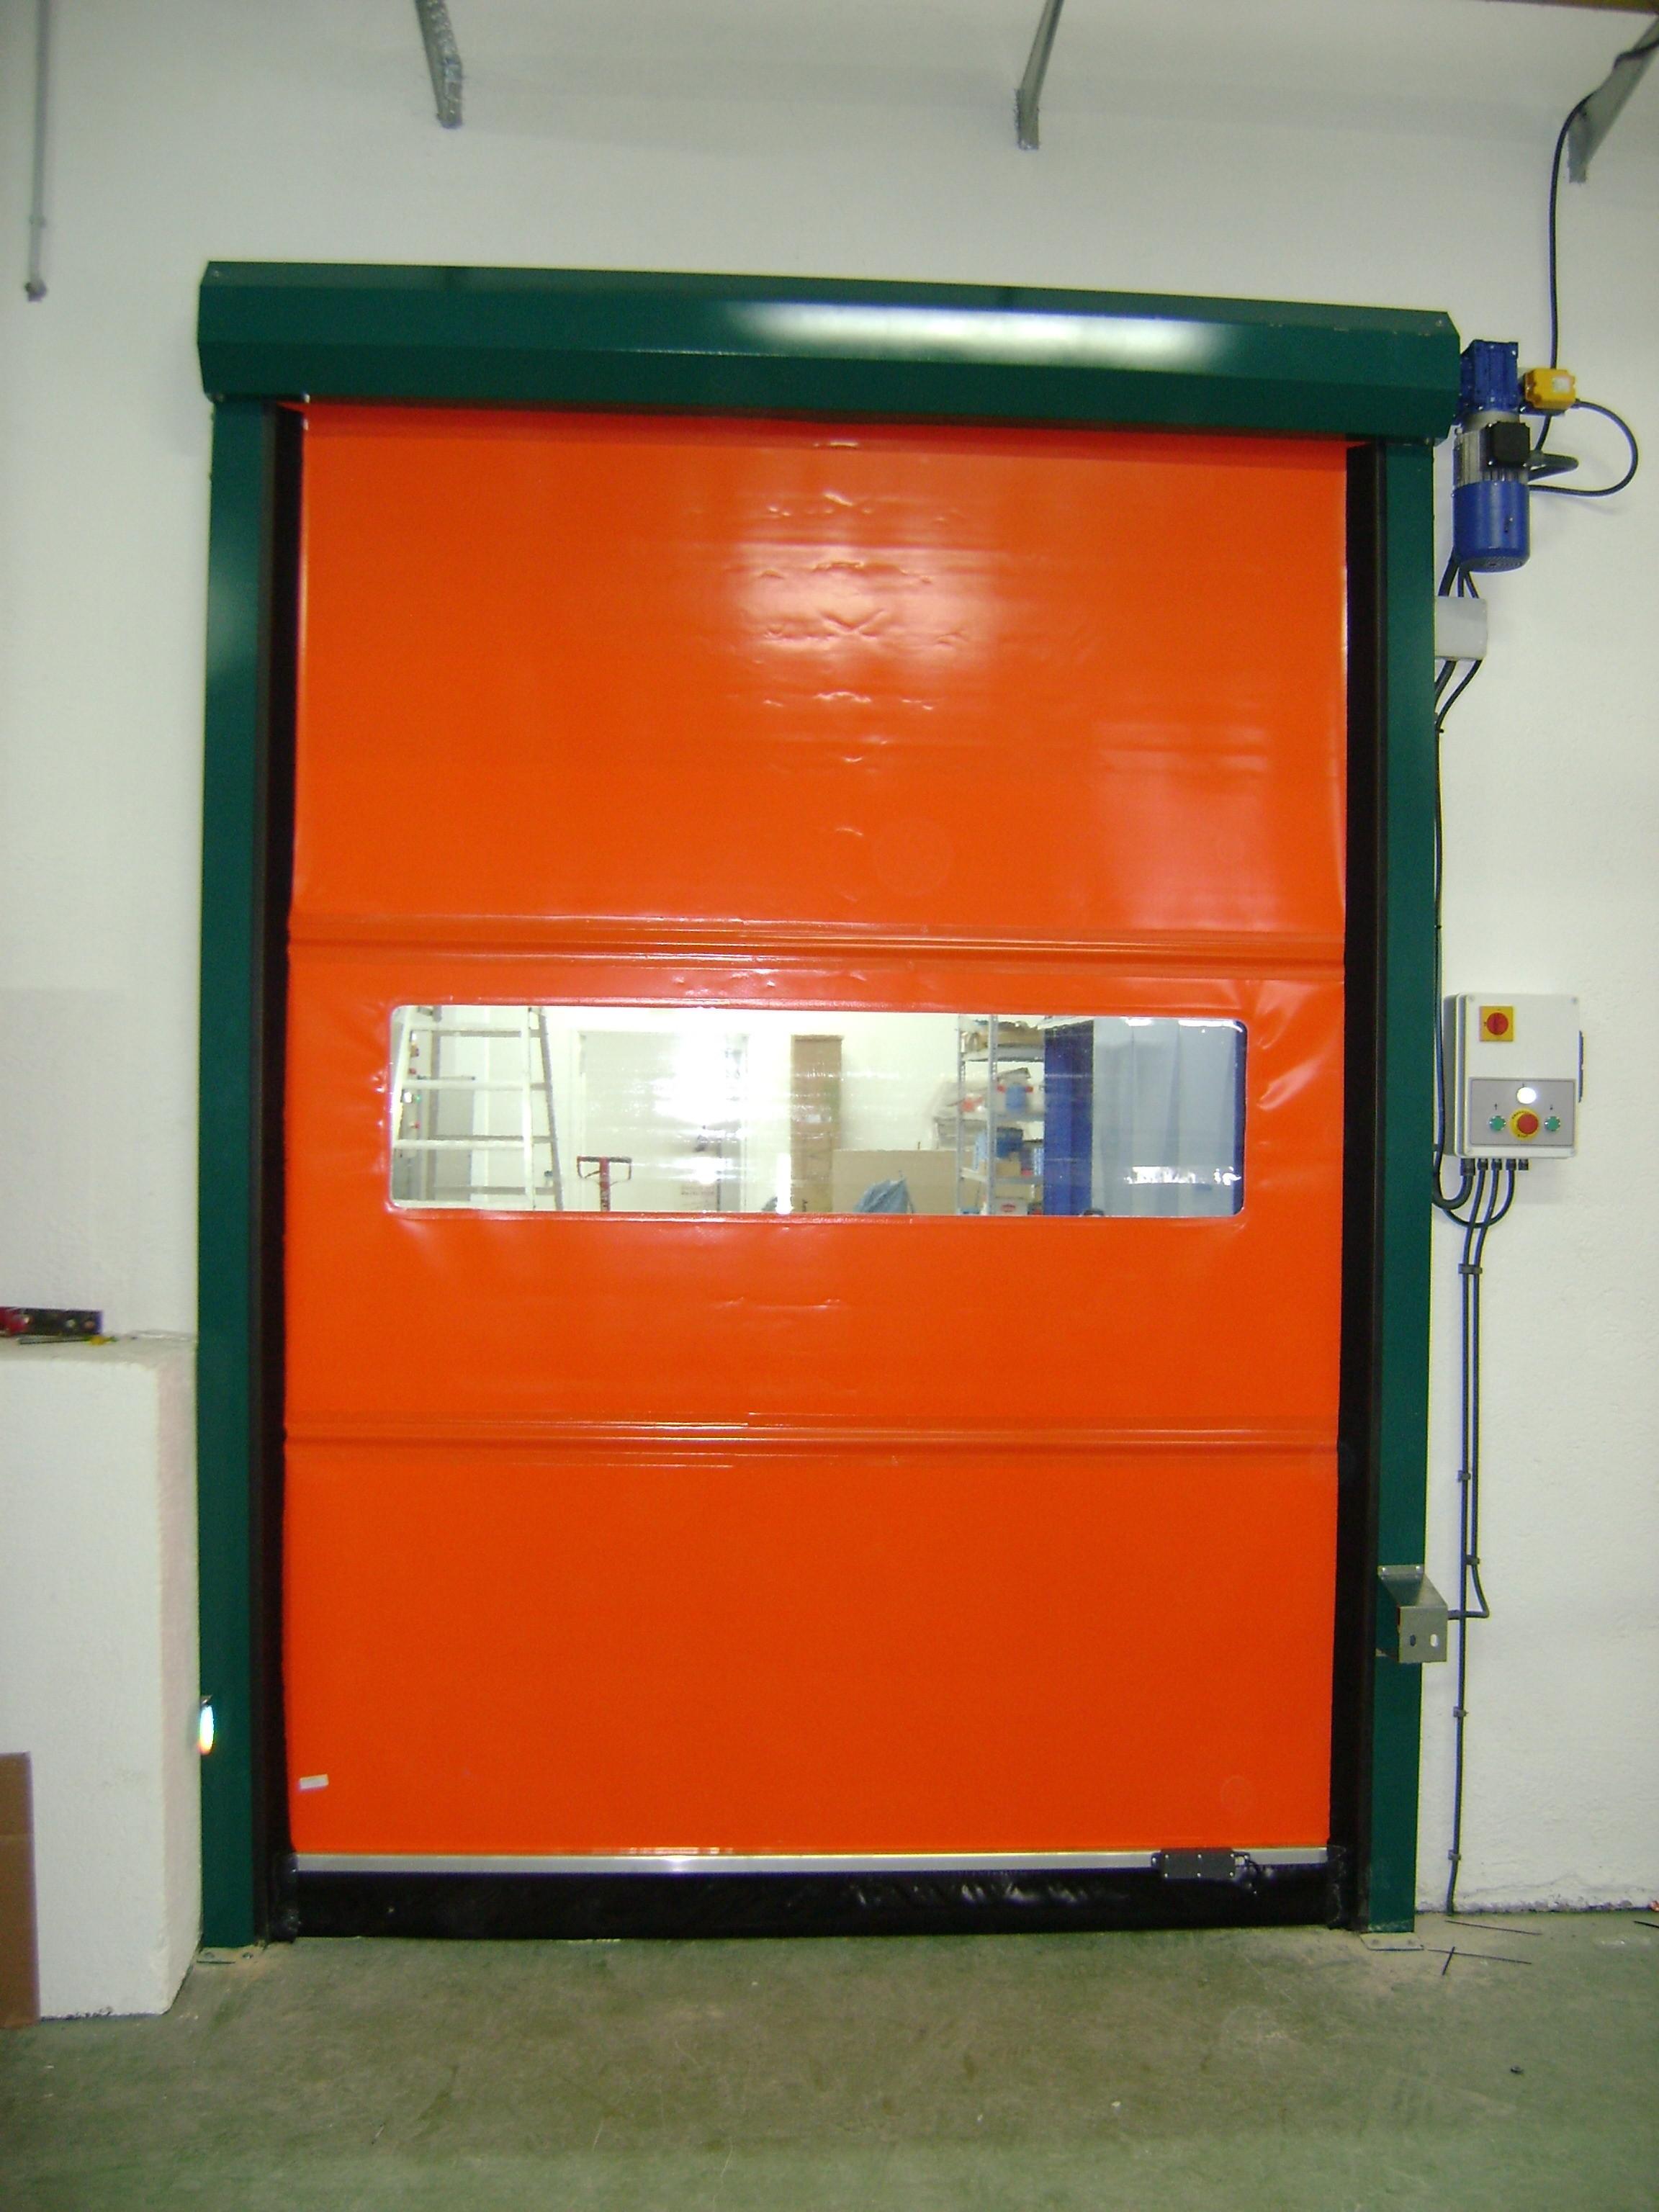 puerta_rapida_enrollable. puerta_rapida_enrollable_aluminio. puerta_rapida_plegable. puerta_rapida_autorreparable & High-speed Door | DAV Door Solutions